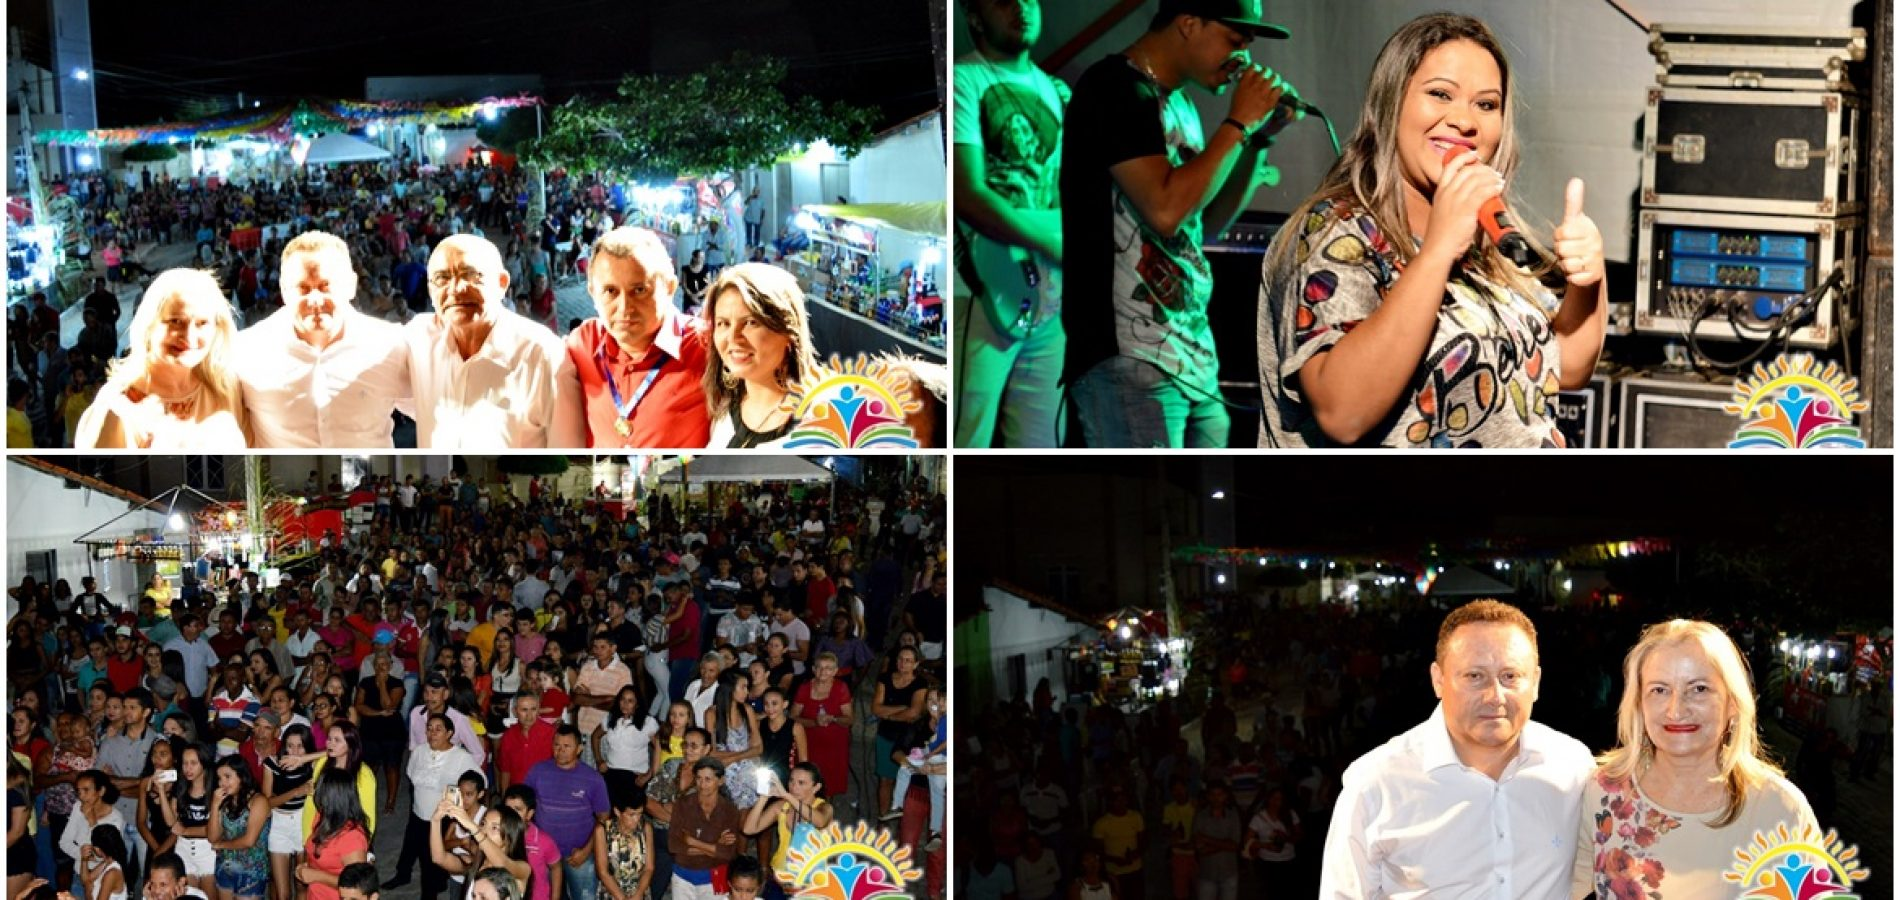 Prefeitura promove show com Fafá Santana nos Festejos de Vila Nova; veja fotos